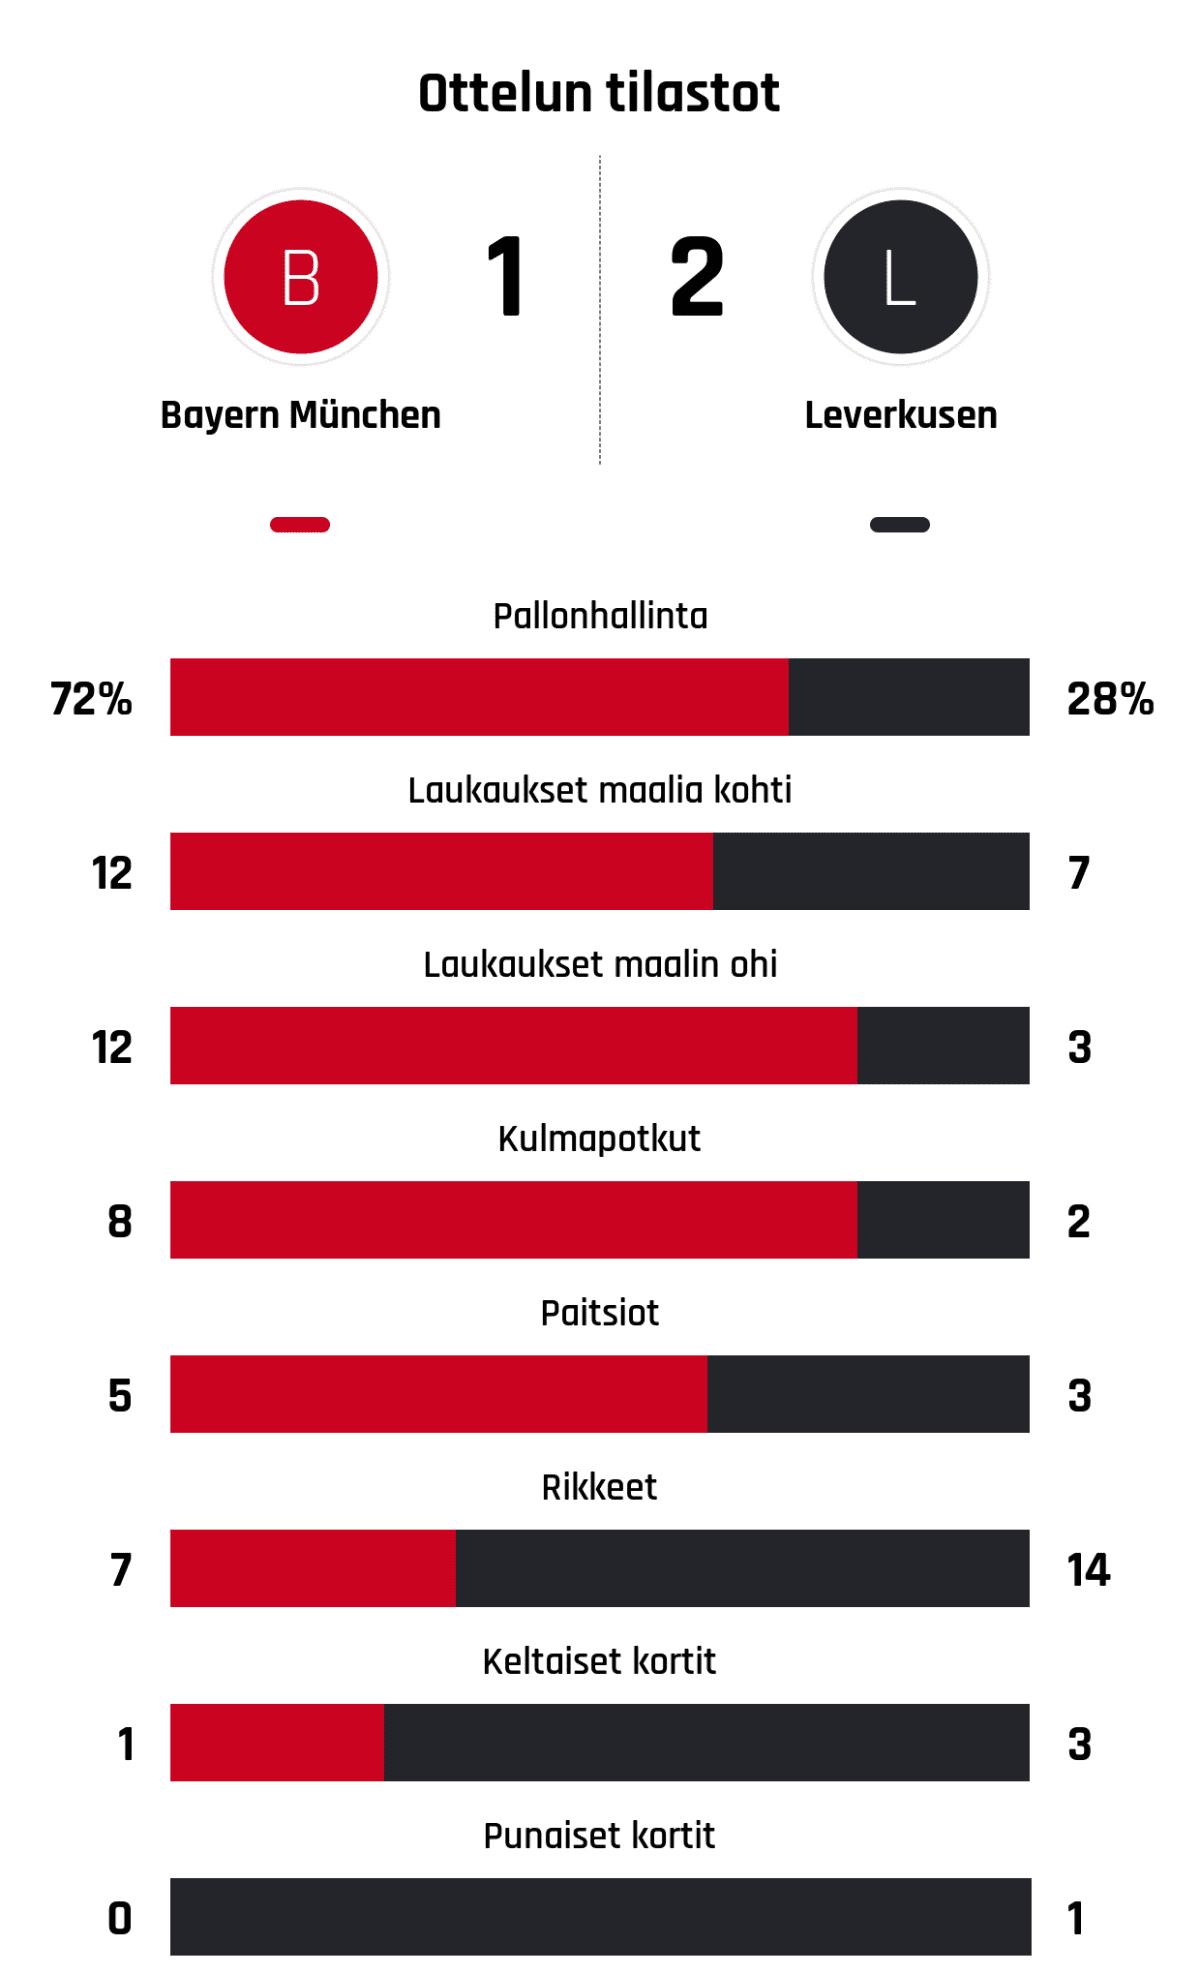 Pallonhallinta 72%-28% Laukaukset maalia kohti 12-7 Laukaukset maalin ohi 12-3 Kulmapotkut 8-2 Paitsiot 5-3 Rikkeet 7-14 Keltaiset kortit 1-3 Punaiset kortit 0-1